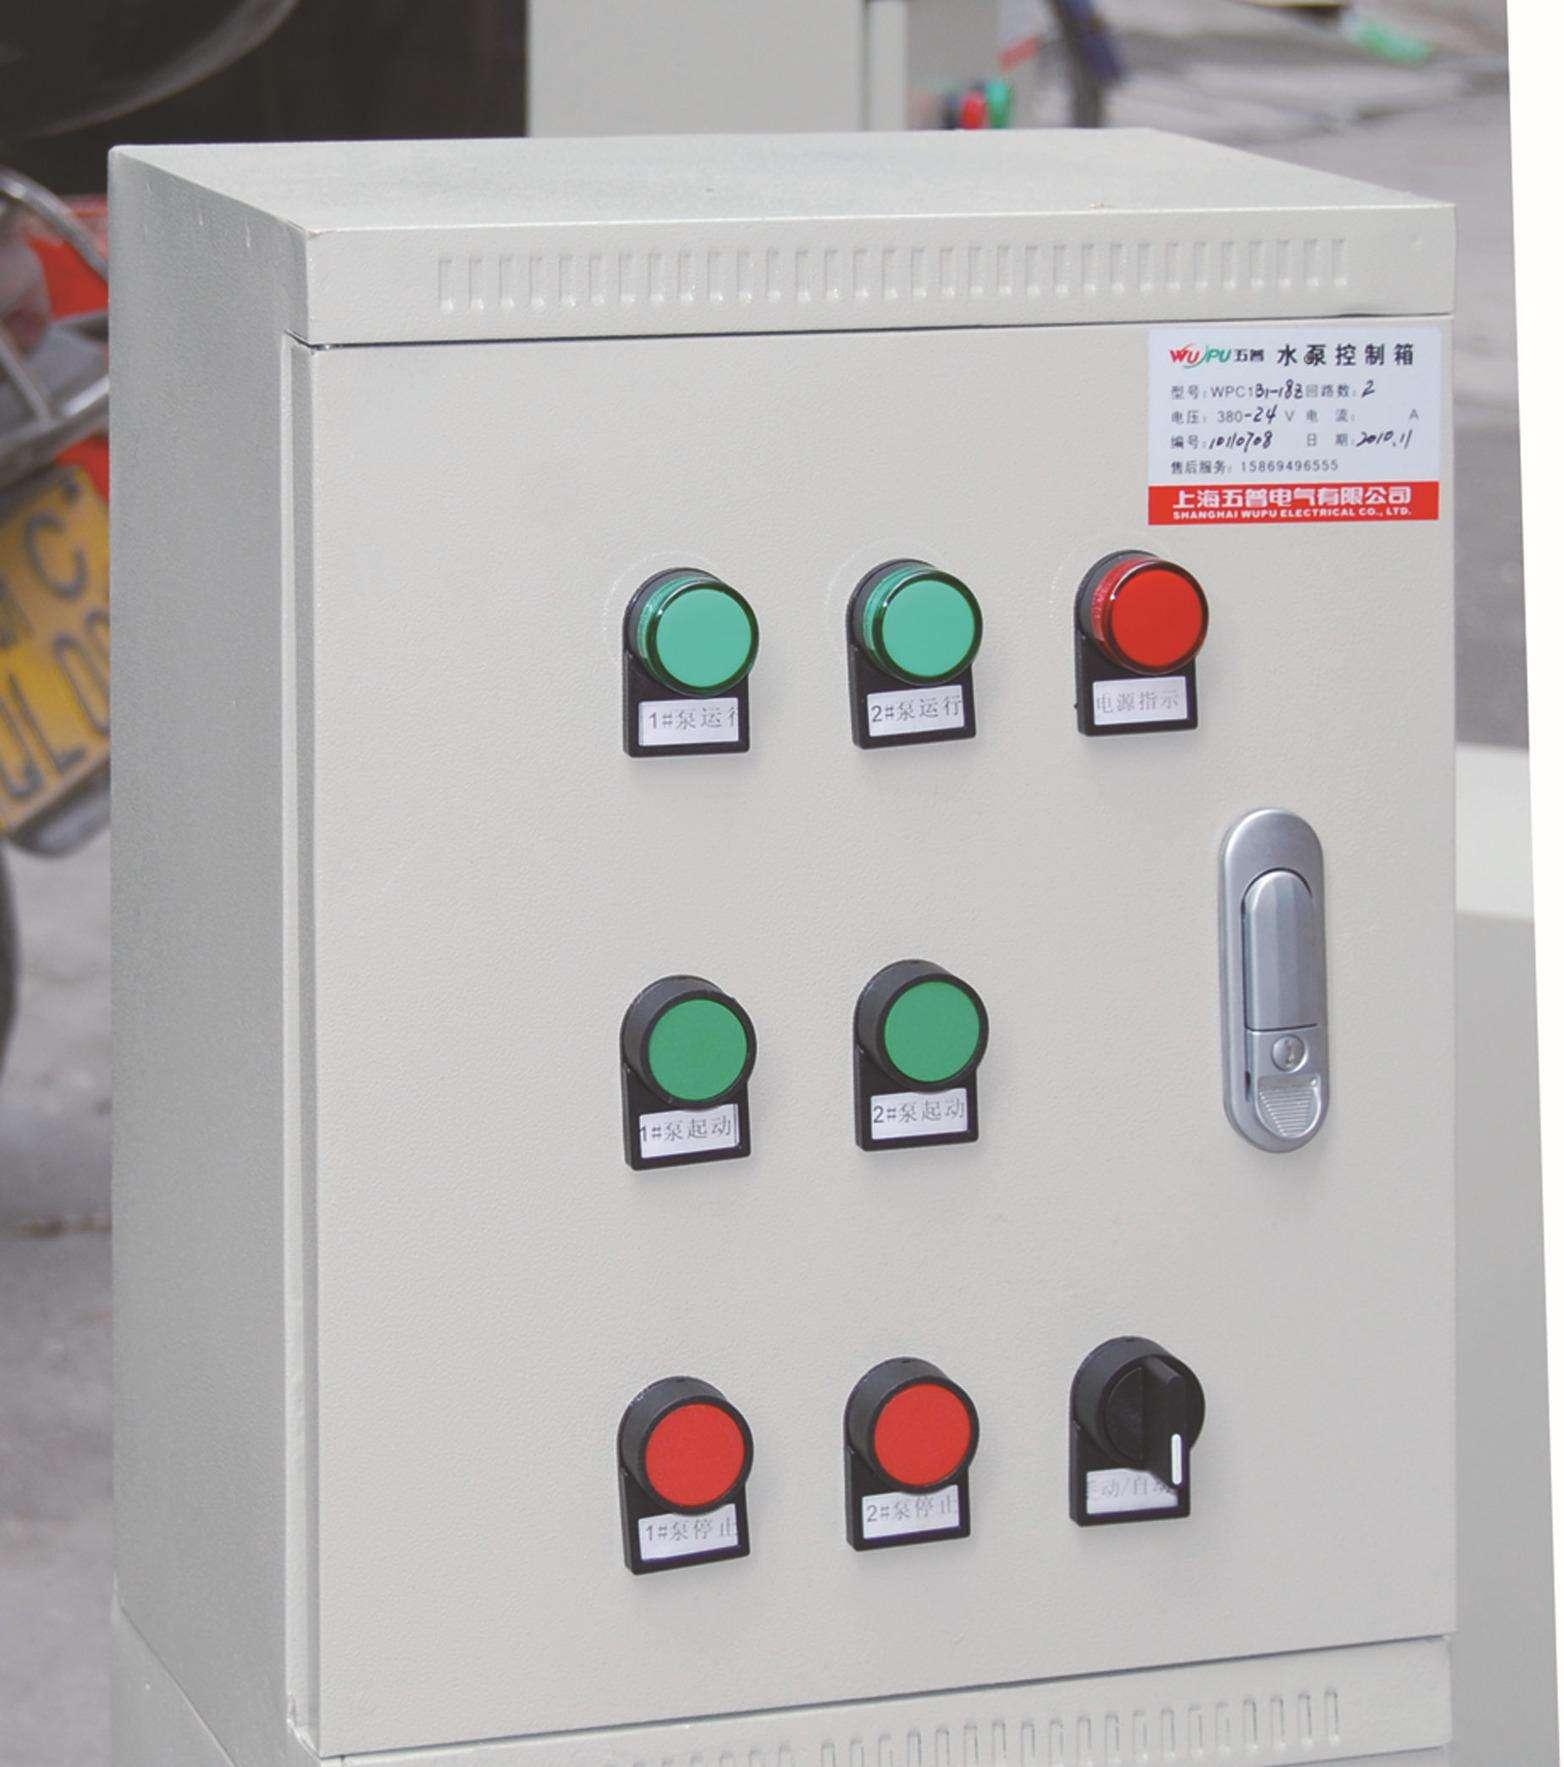 一个浮球自动按钮供水电路图